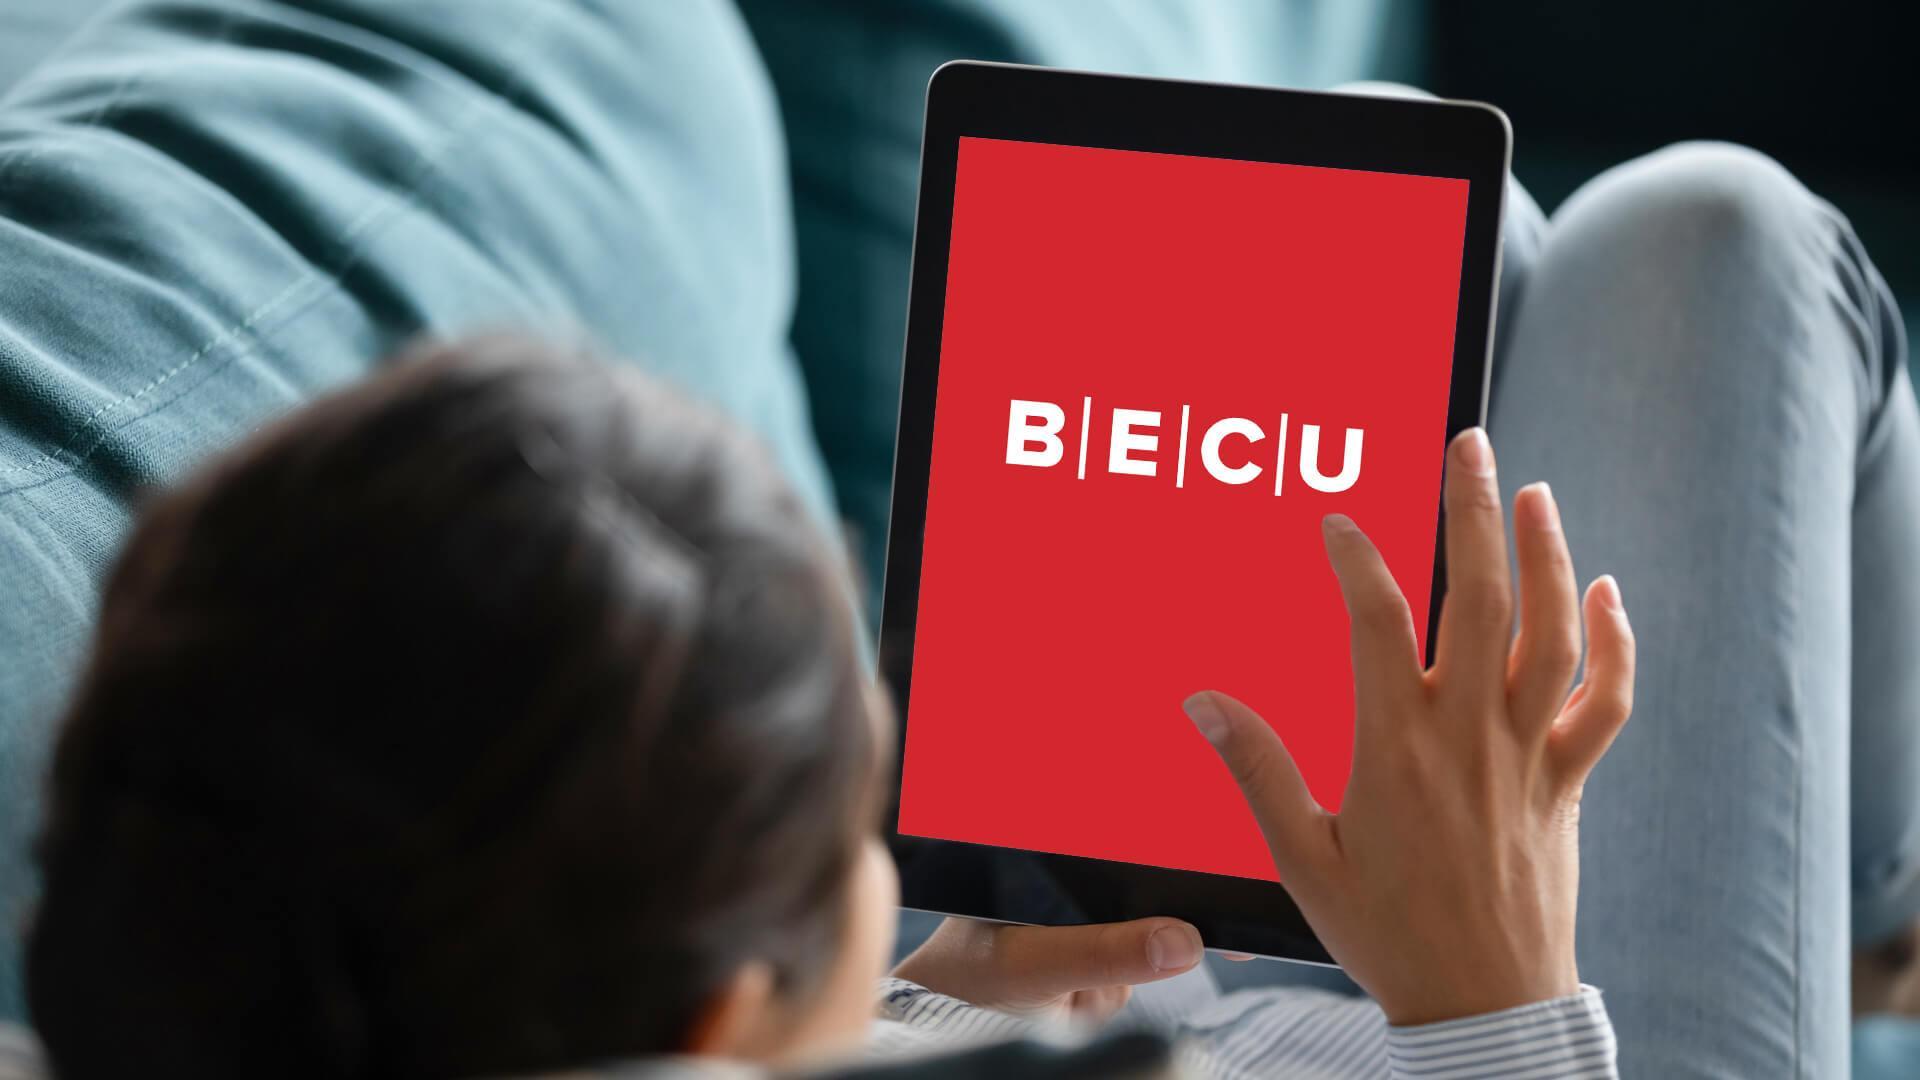 BECU bank mobile app